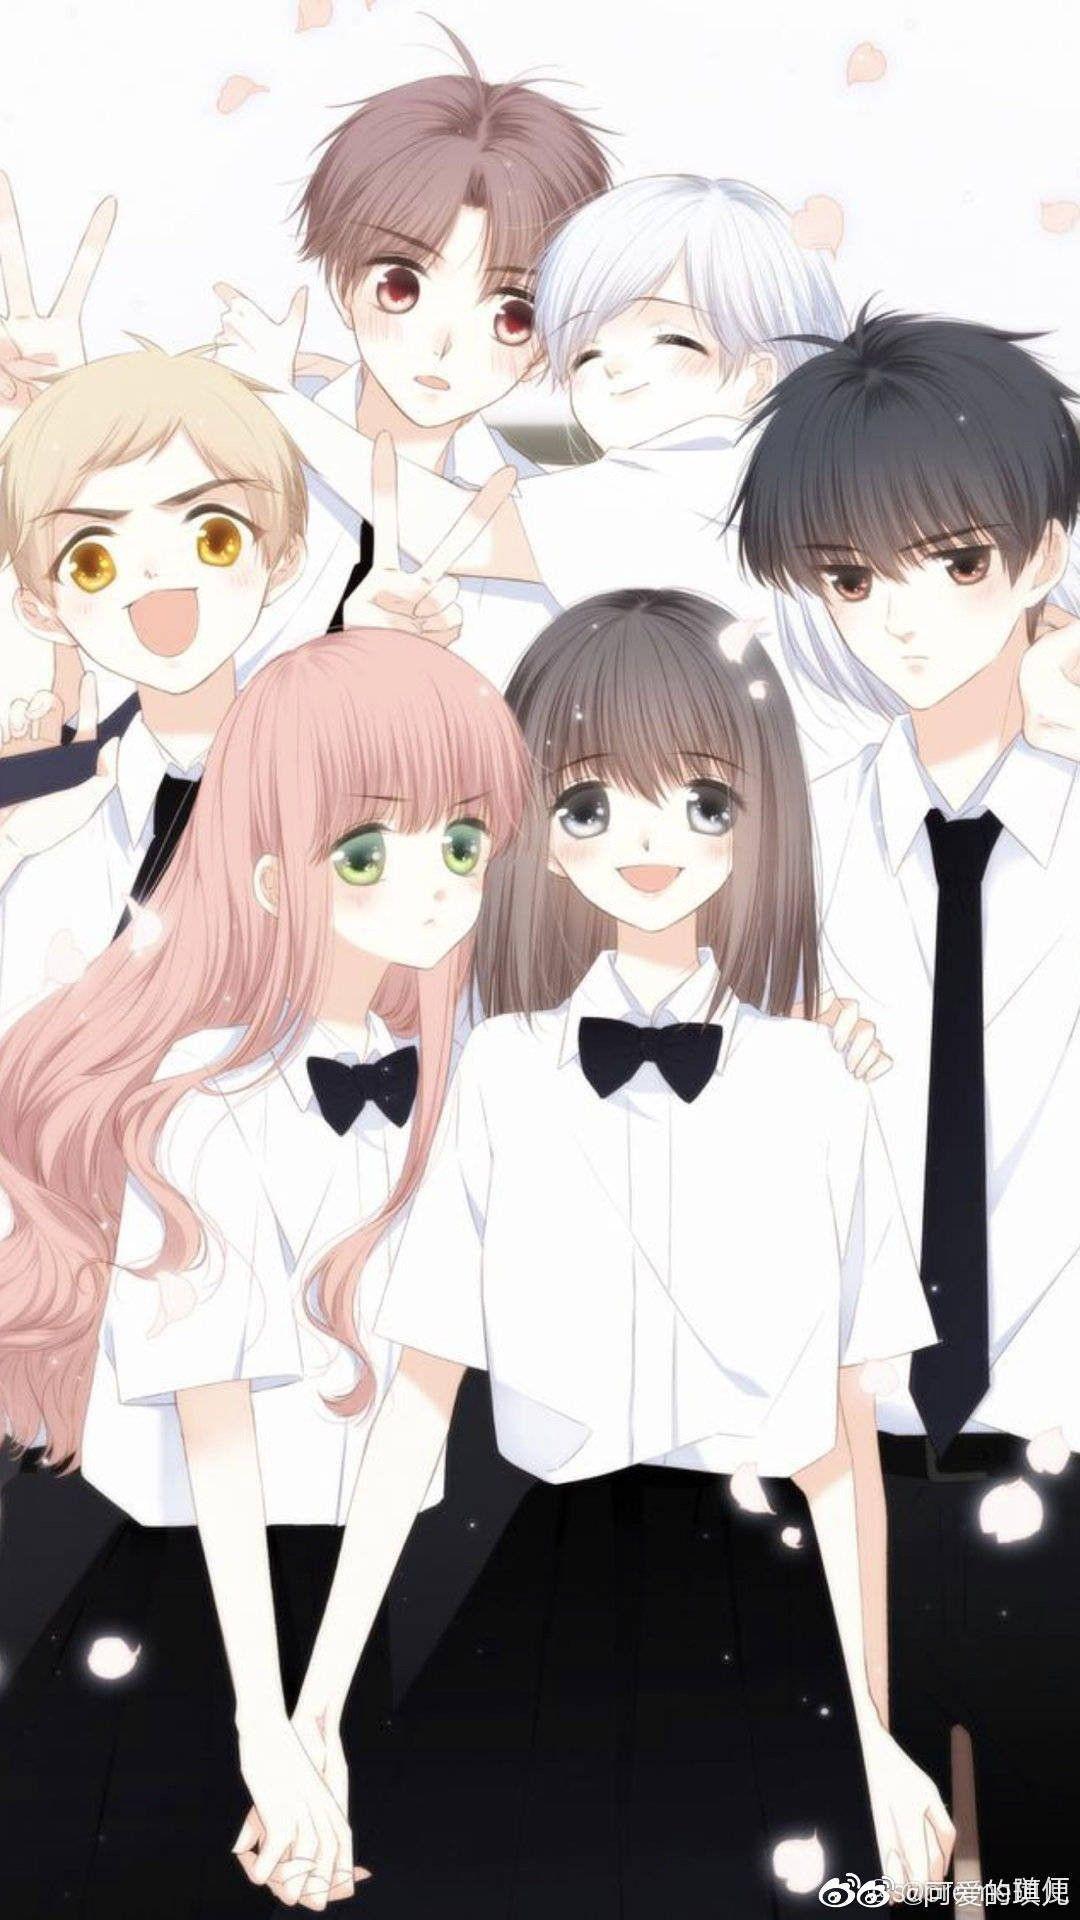 Pin oleh Reza di 怦然心动 Gambar anime, Gadis animasi